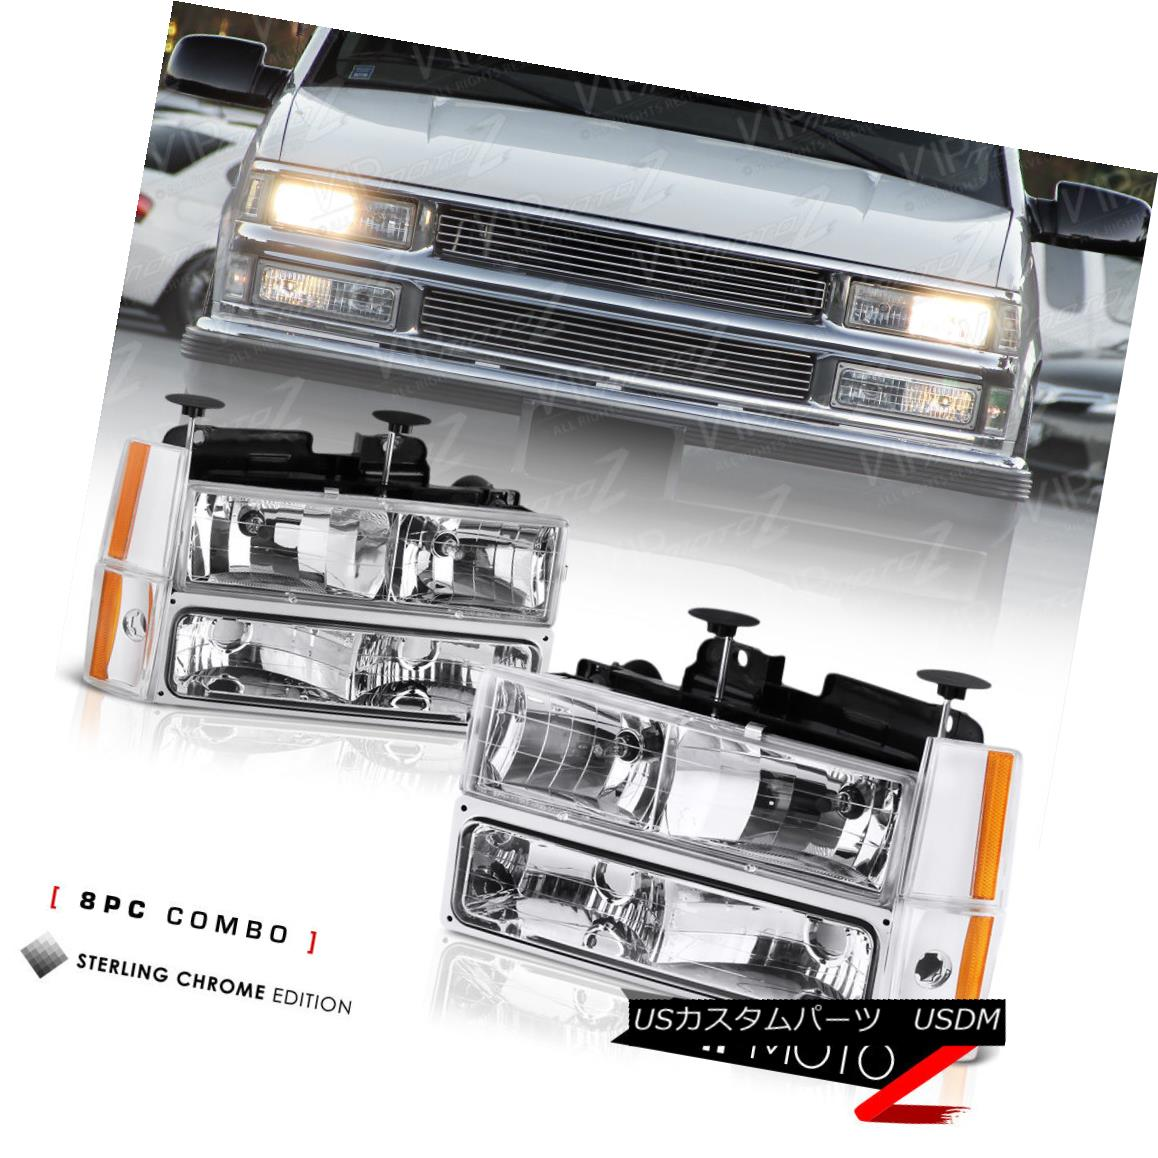 ヘッドライト 1988-1993 Chevy C/K Suburban Blazer Headlights Corner Bumper Lamps K1500 C1500 1988-1993シボレーC / K郊外ブレザーヘッドライトコーナーバンパーランプK1500 C1500